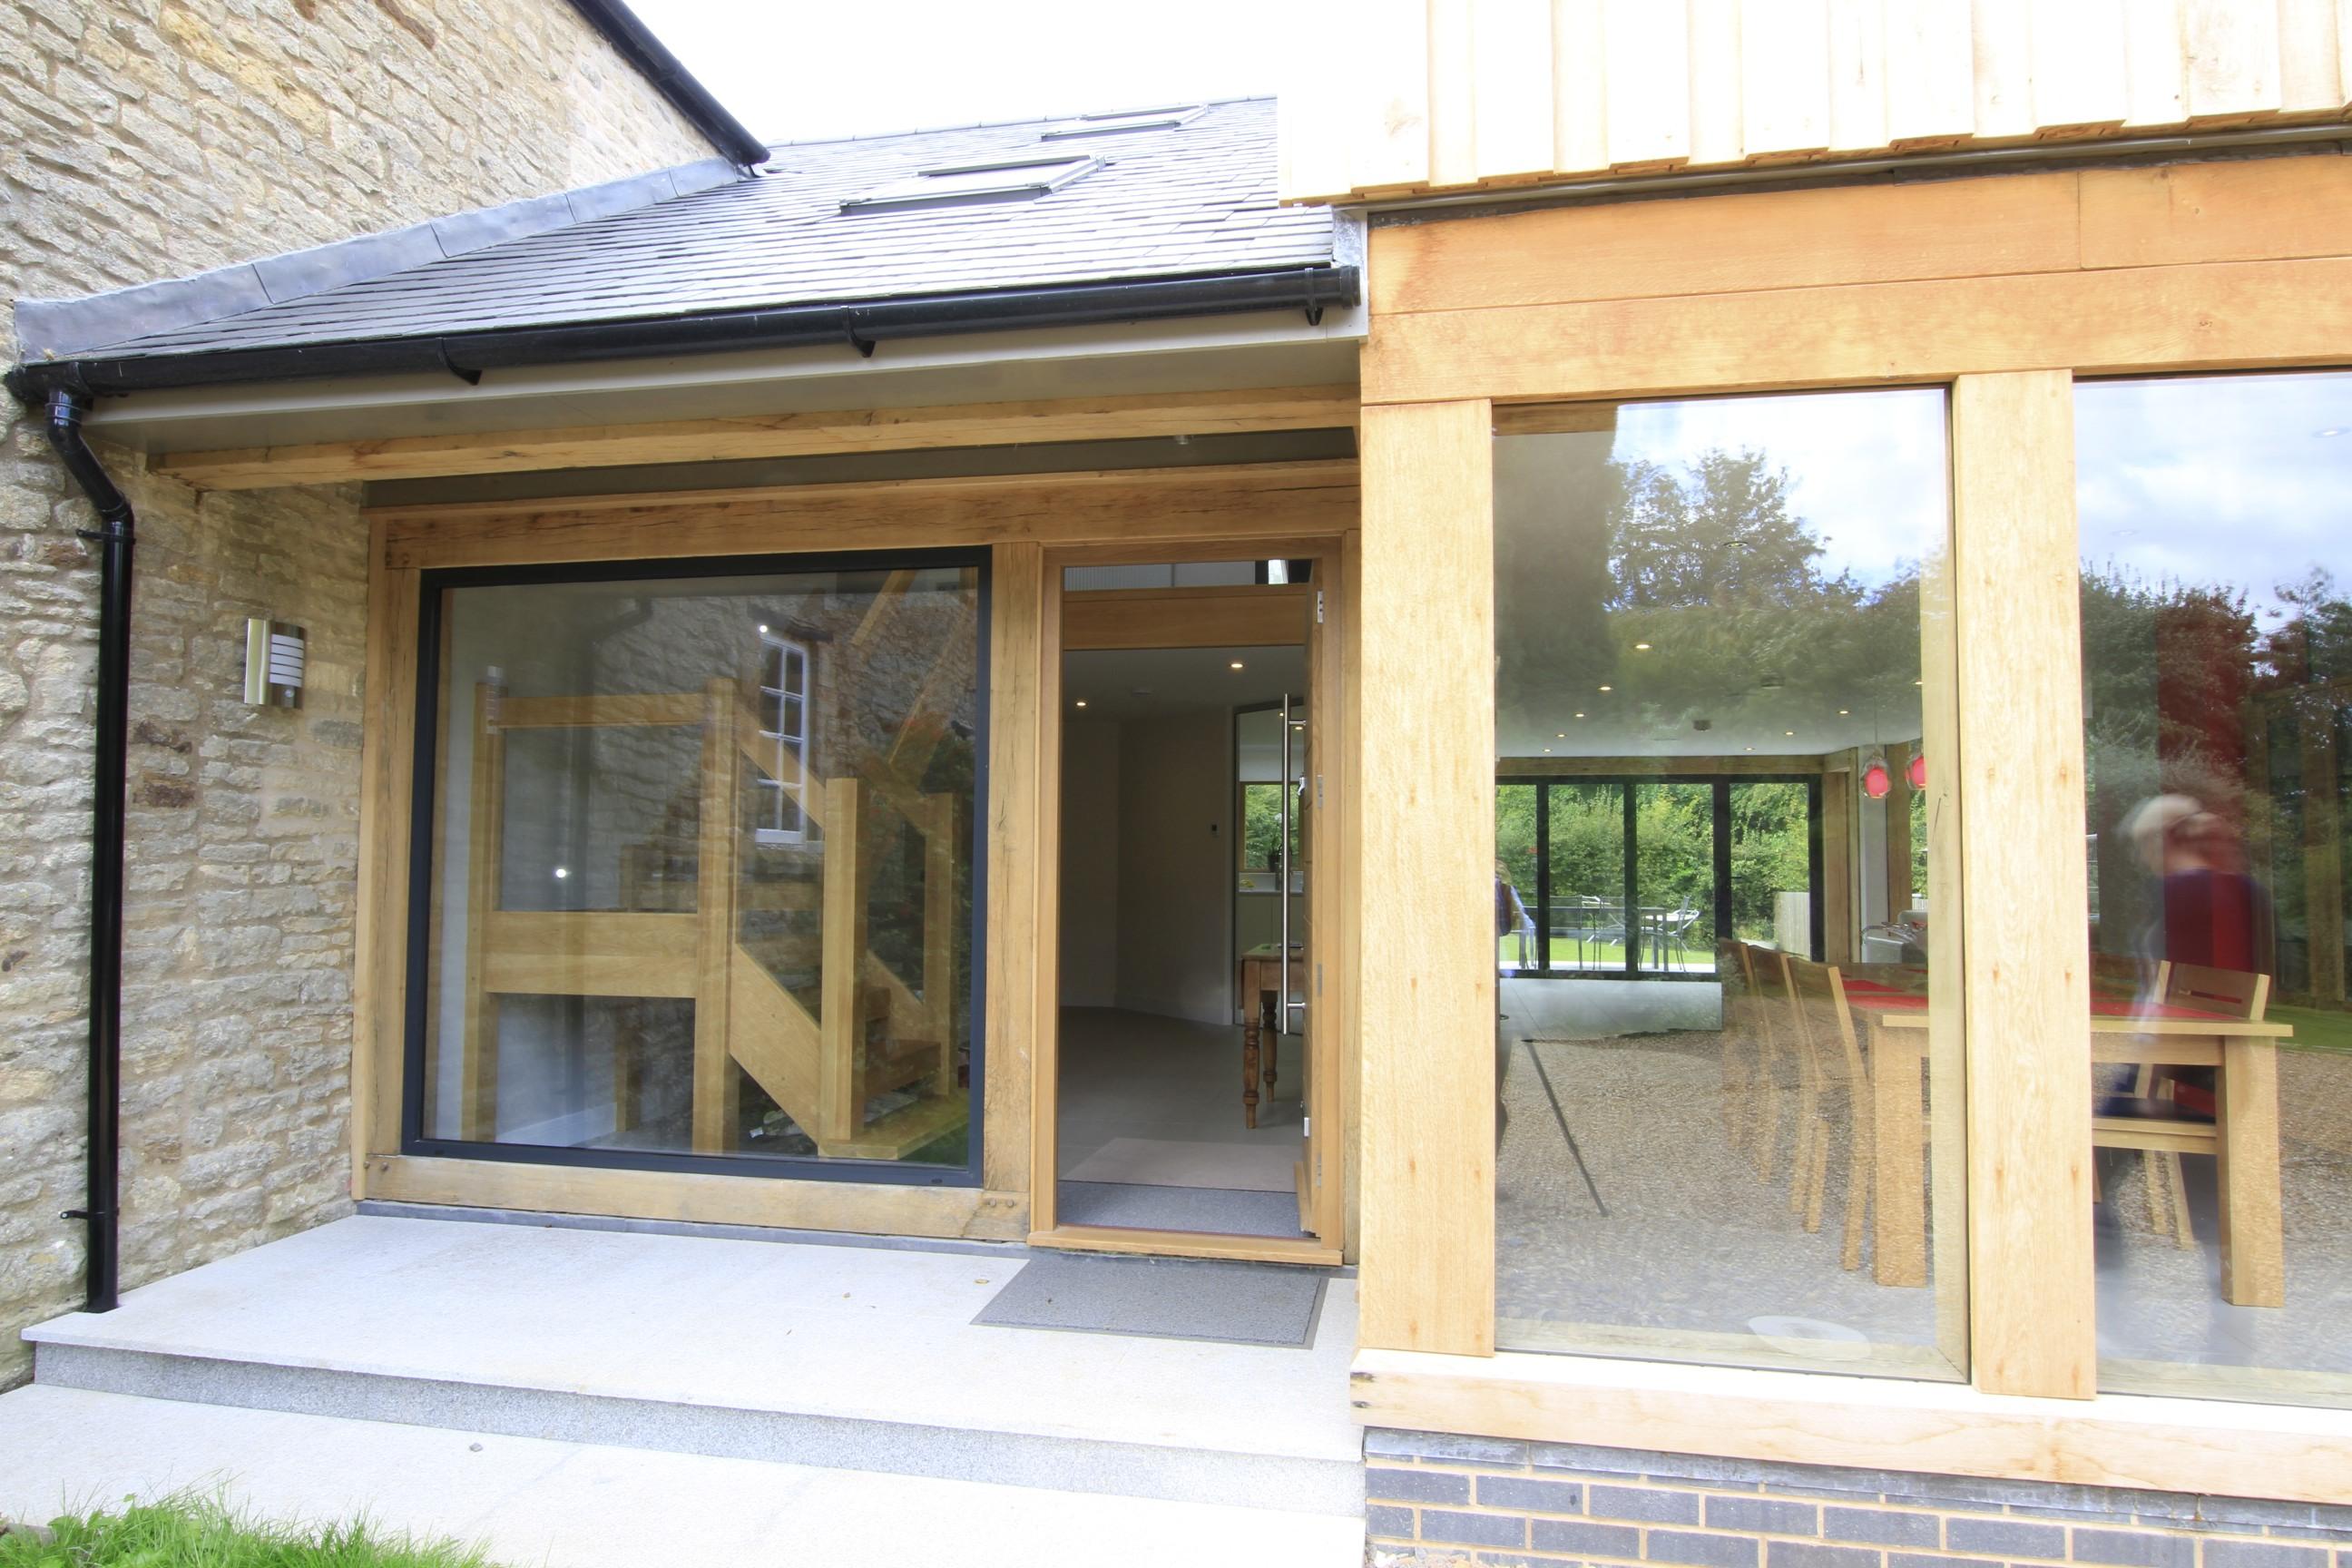 Oak Framed Houses >> Oak framed extension forms large glazed living space for family... - Leaf Architecture